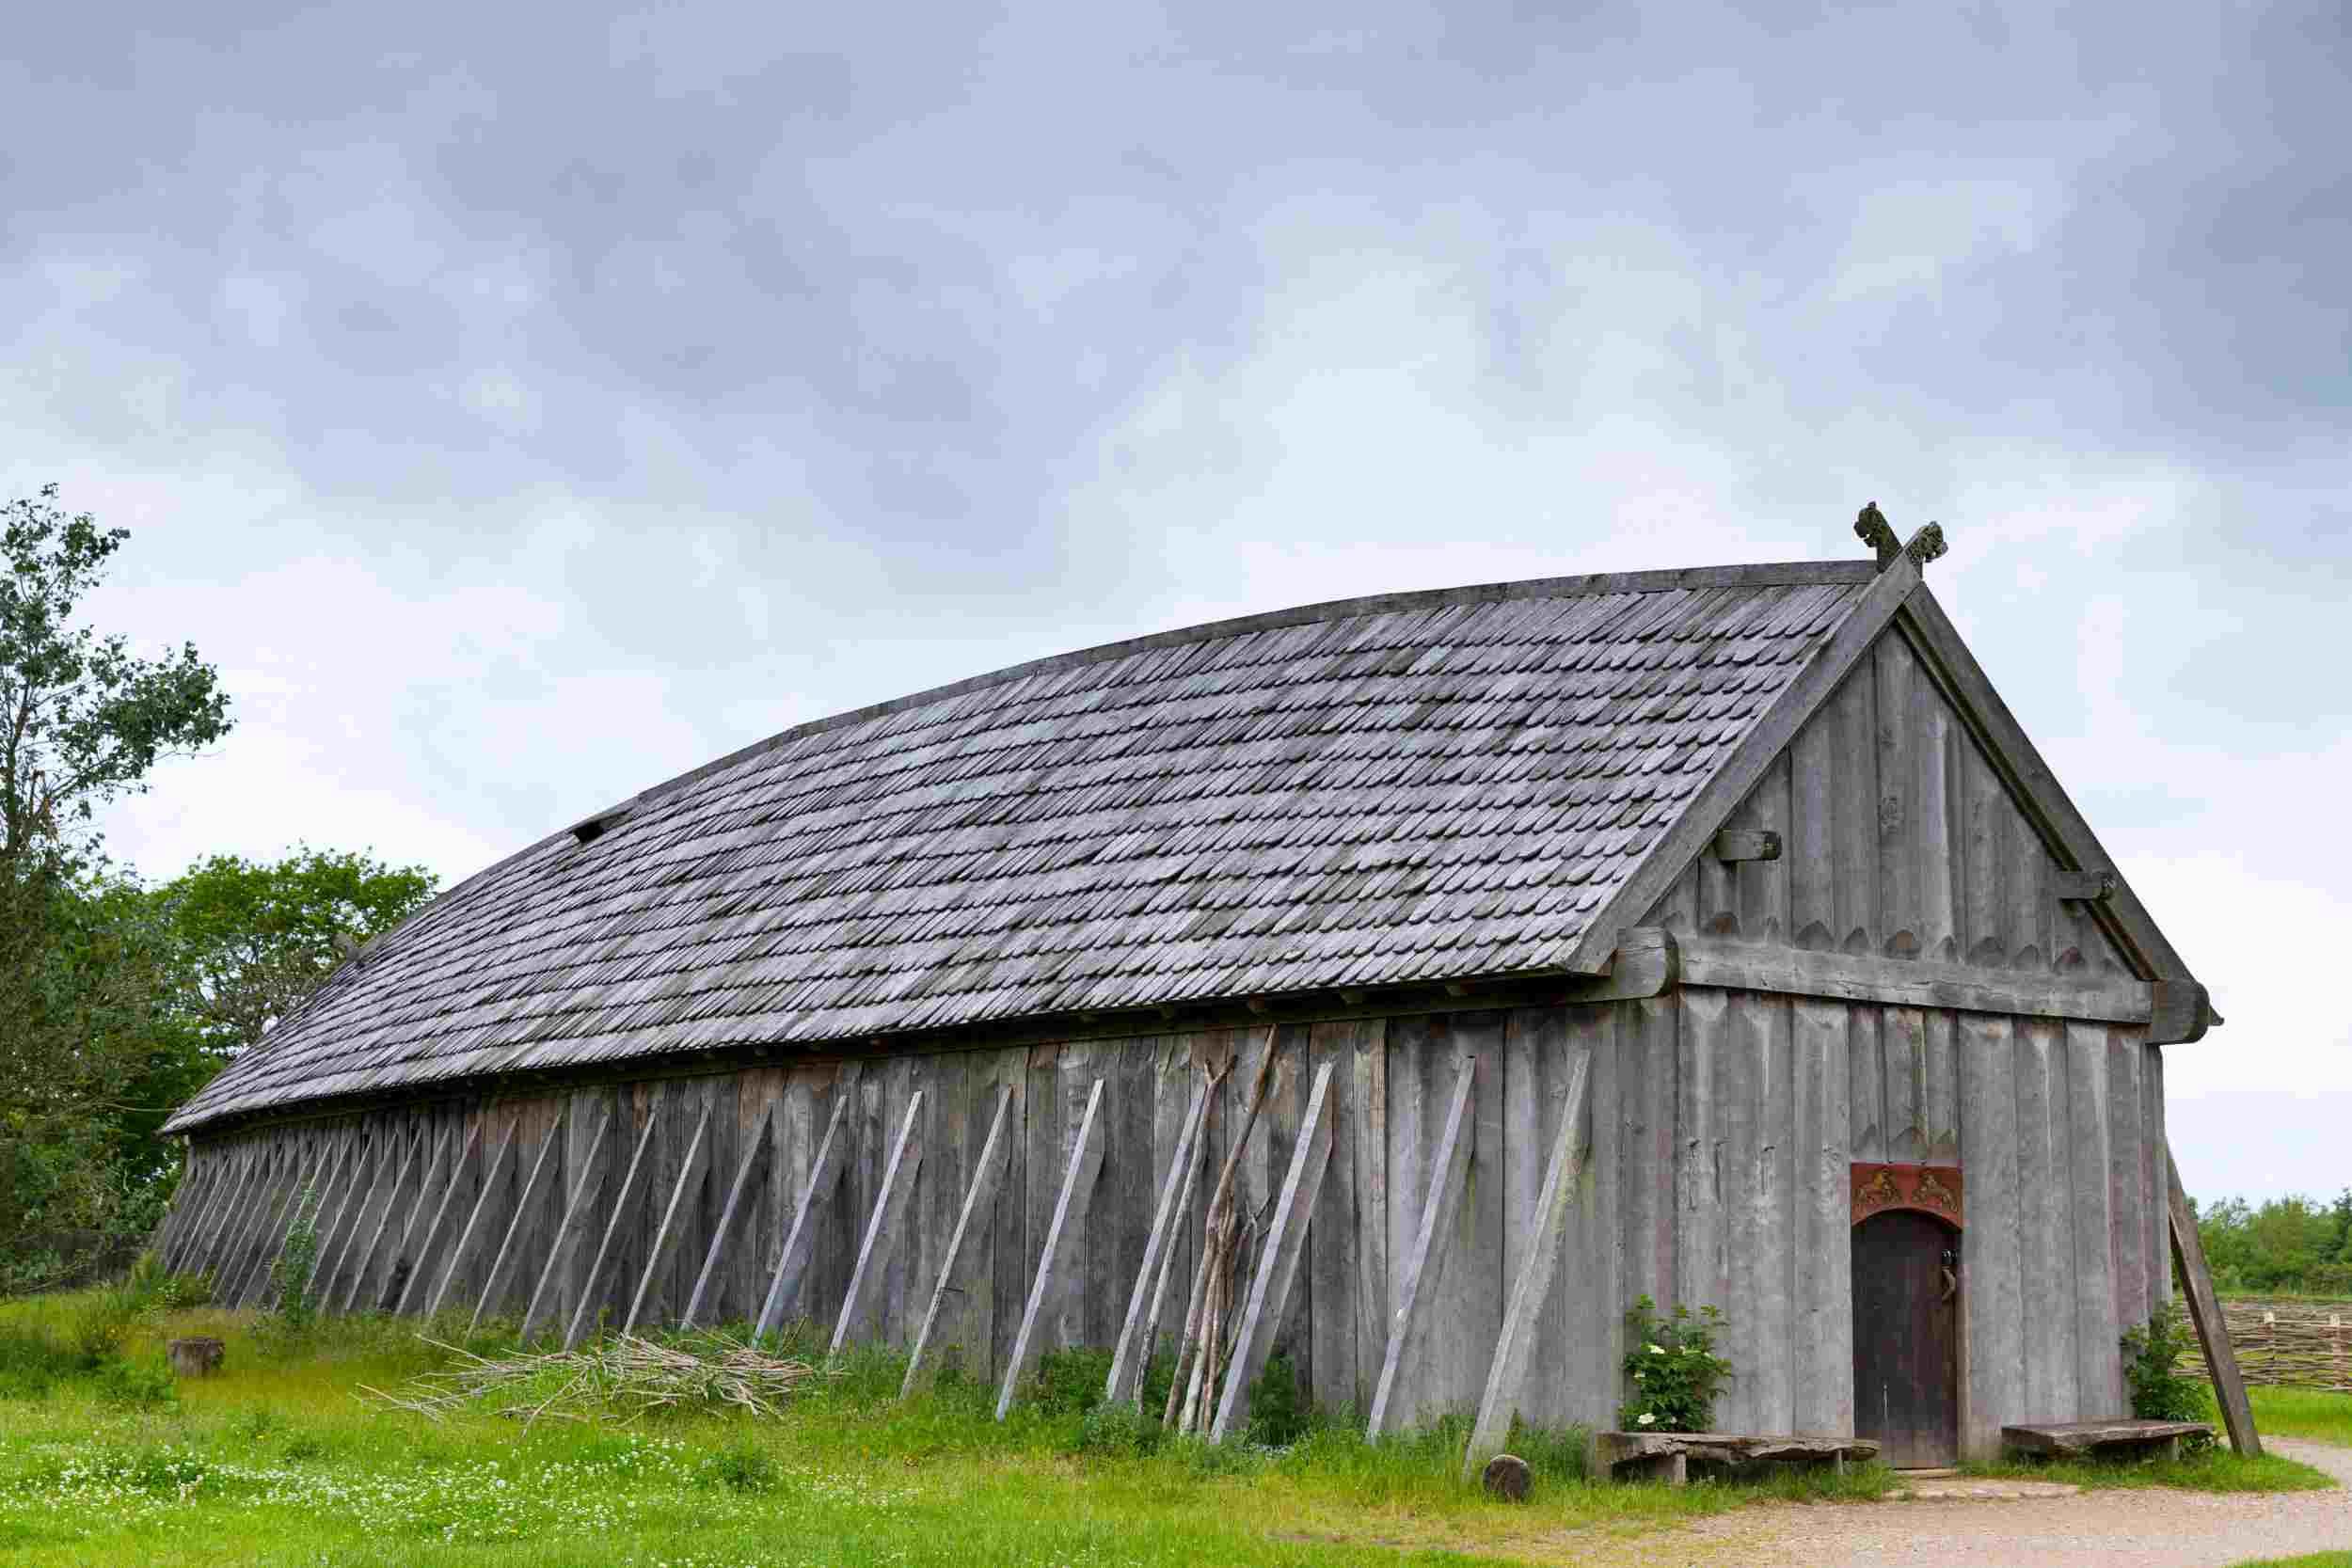 Viking Longhouse Reconstruction at Ribe